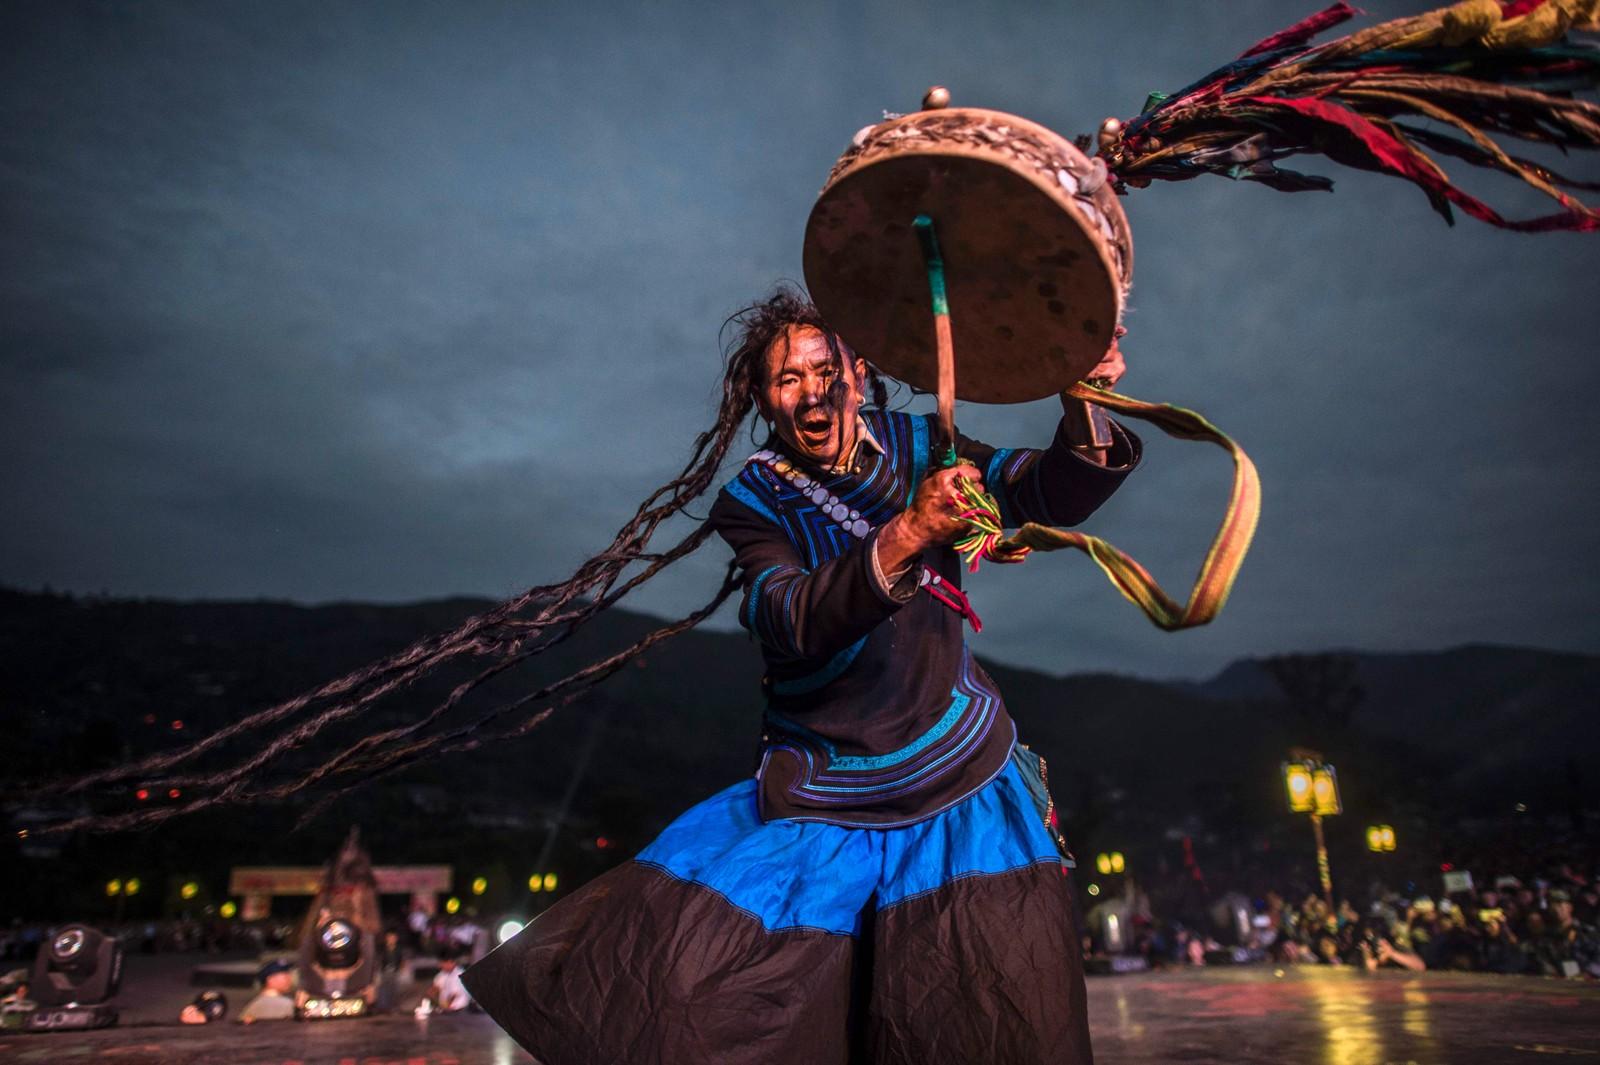 En sjaman har på seg det tradisjonelle Yi-kostymet under Ildfestivalen i Xixhang i Kina den 27. juli. Det er omtrent 8 millioner mennesker som tilhører Yi-folket.